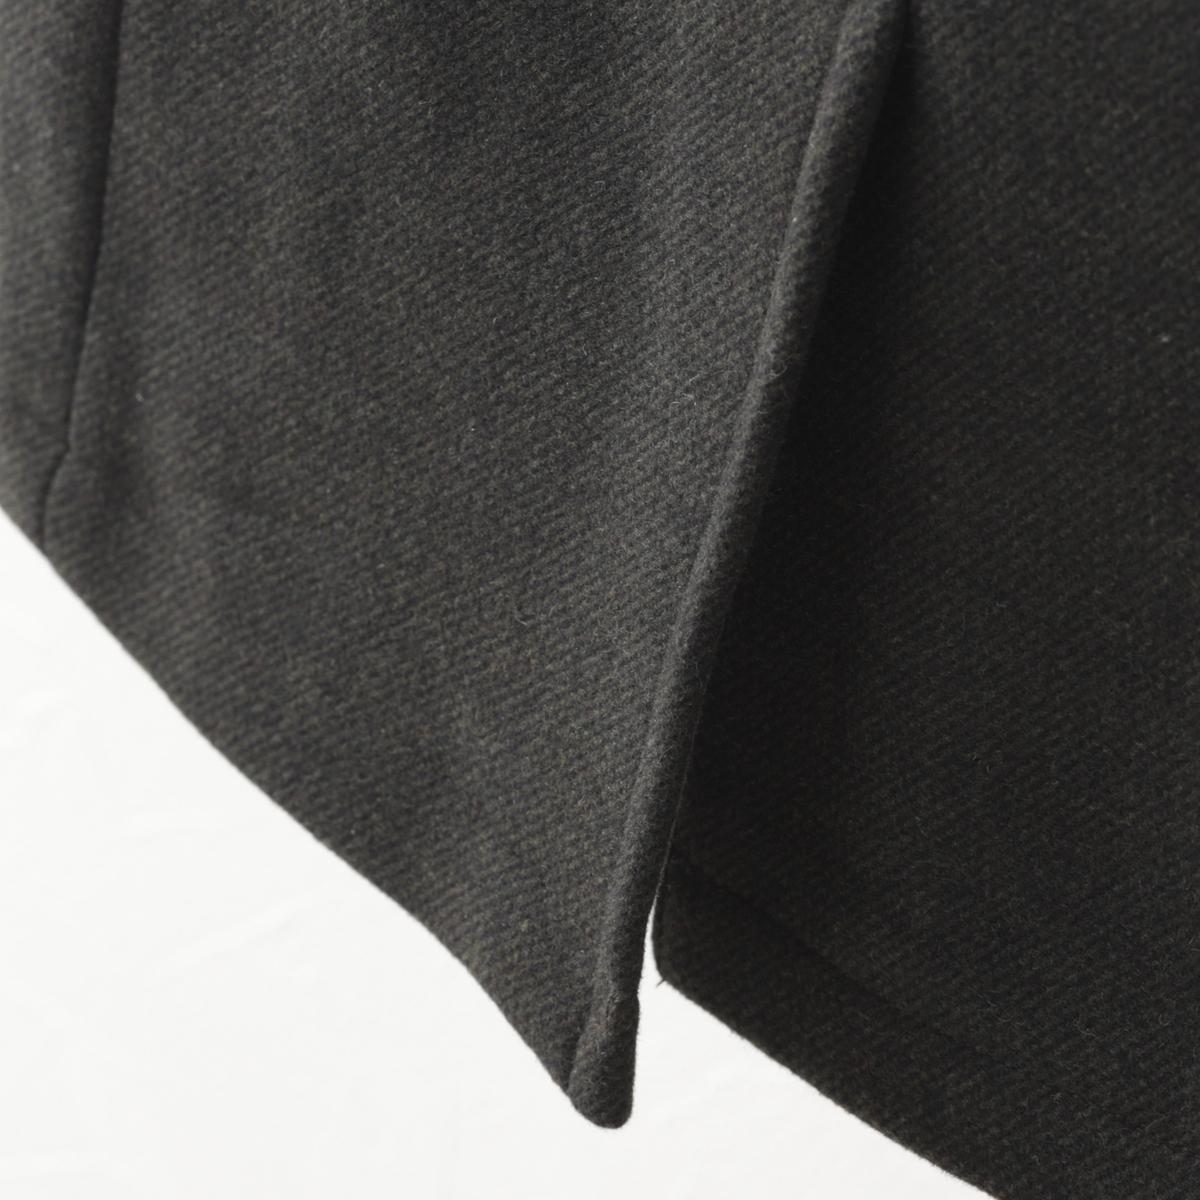 ウールコート ミリタリー ハワースウール フィールドコート モッズファッション メンズ Merc London メルクロンドン